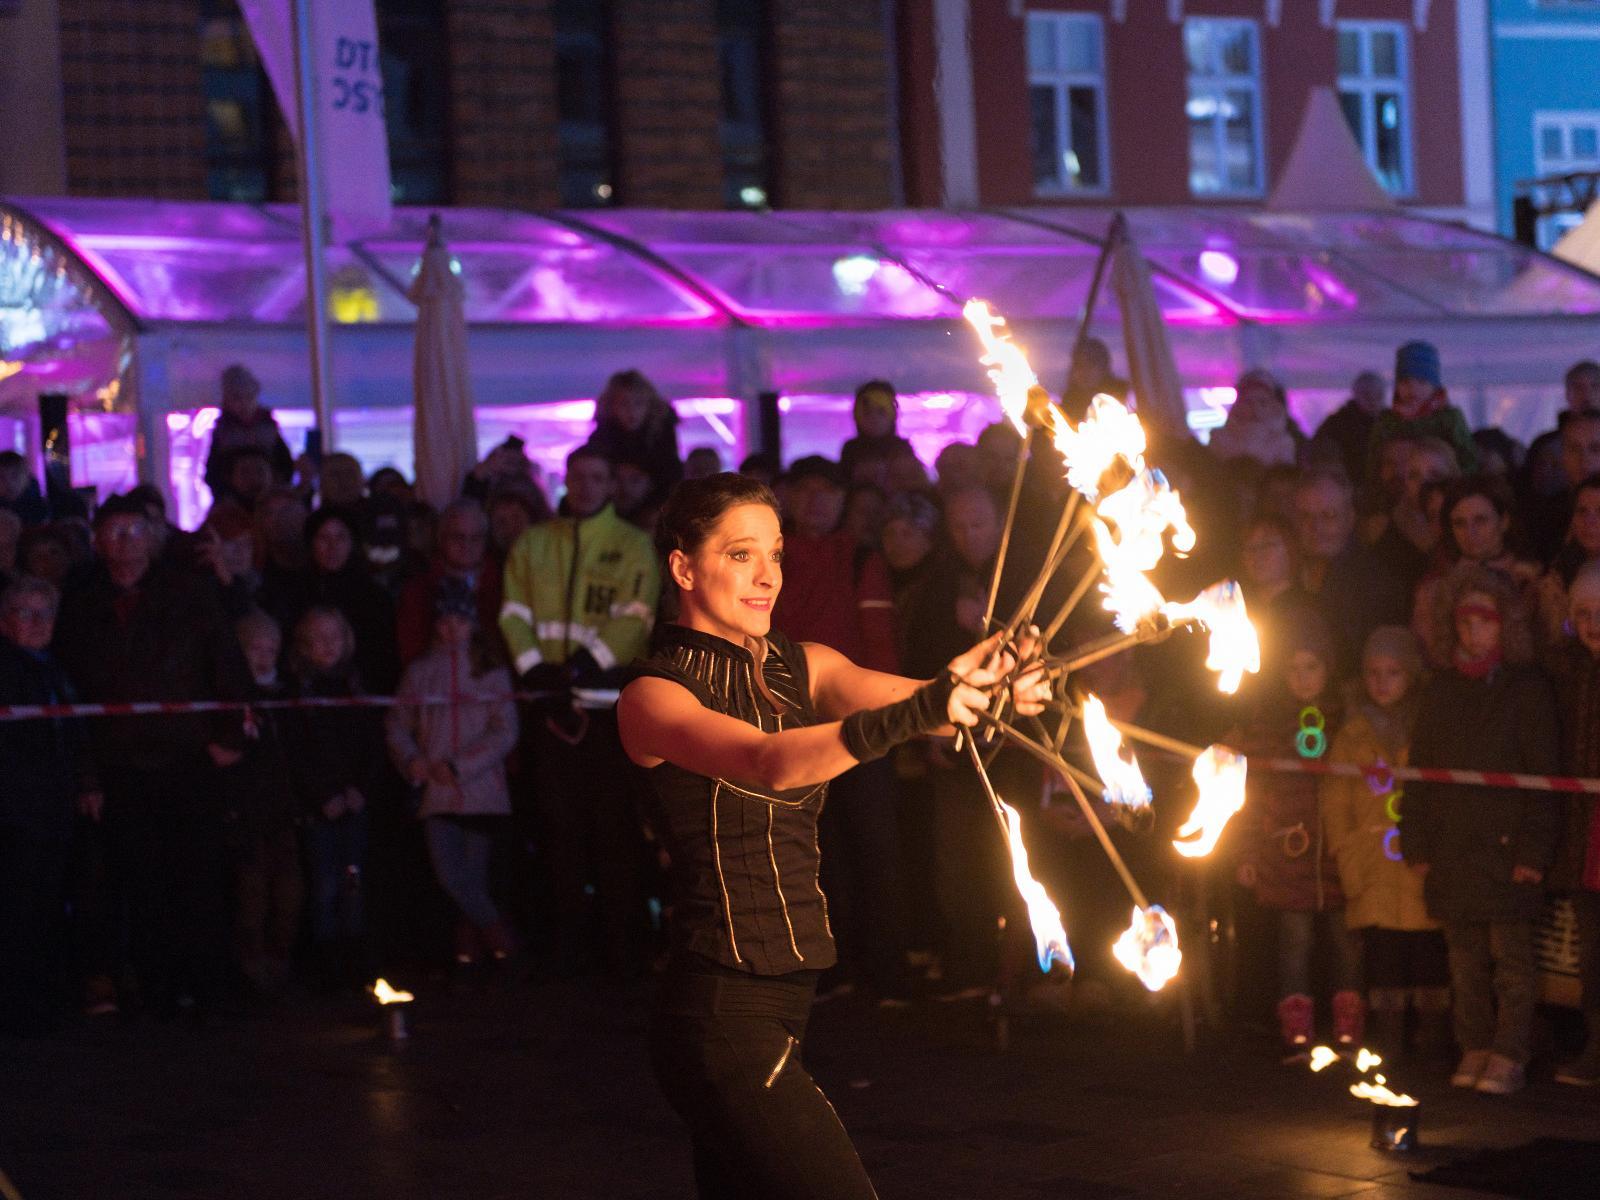 Die Feuershow mit Loops ließ das Publikum staunen